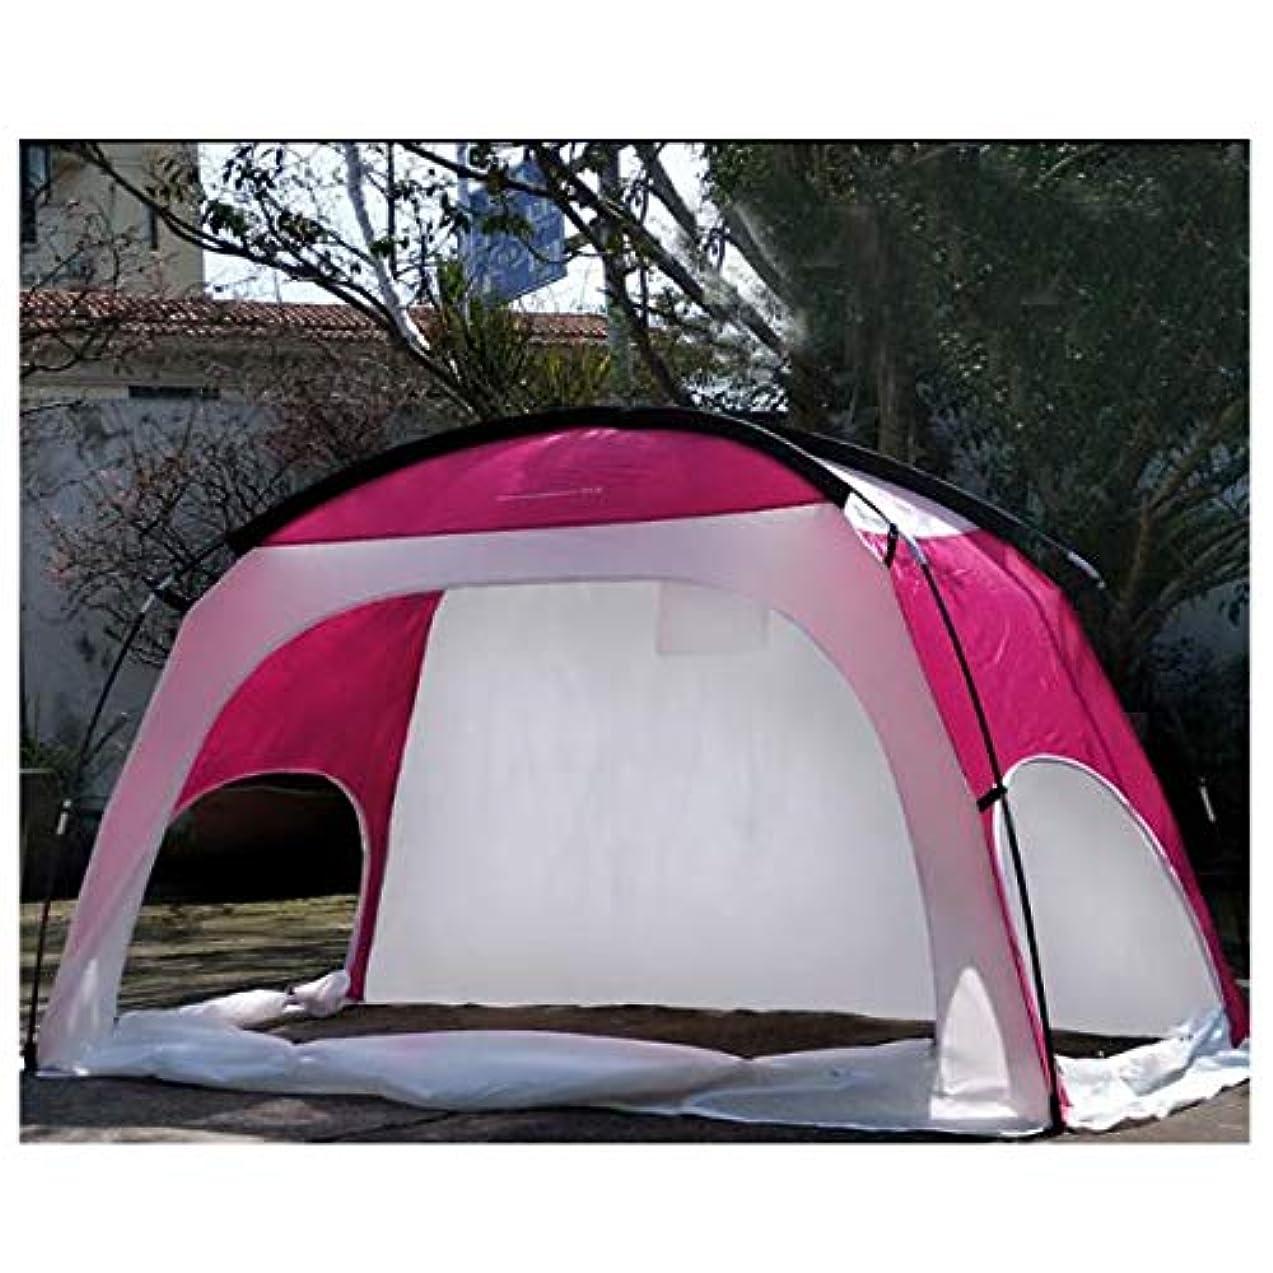 進化病弱砂テント、ハイエンドの テントが付いている最下の日焼け止めの屋内手のない屋外の1-2-3公園のキャンプ、赤